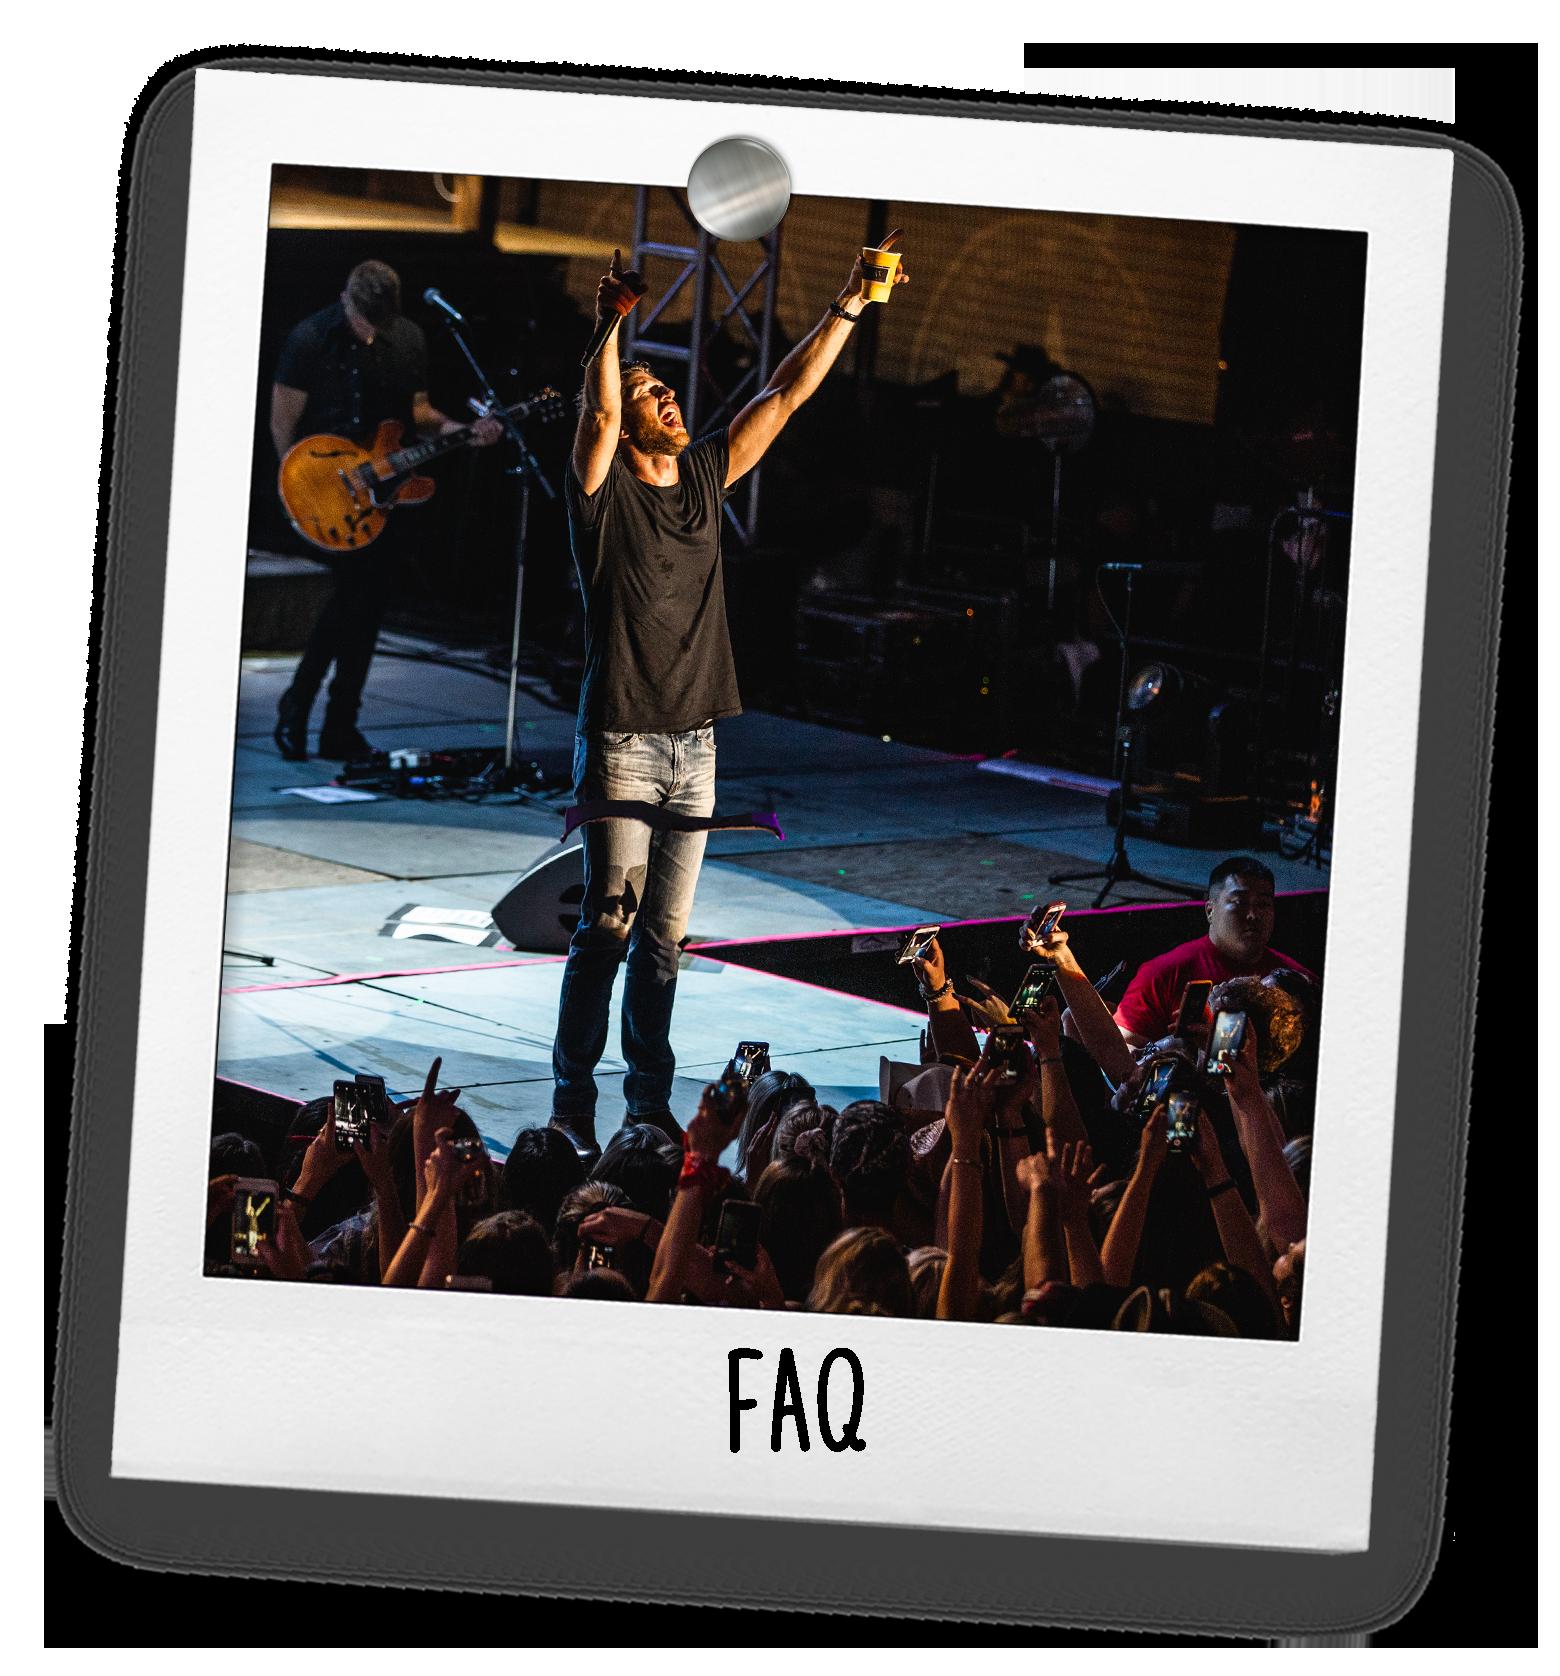 polaroid-FAQ-2019-2.png